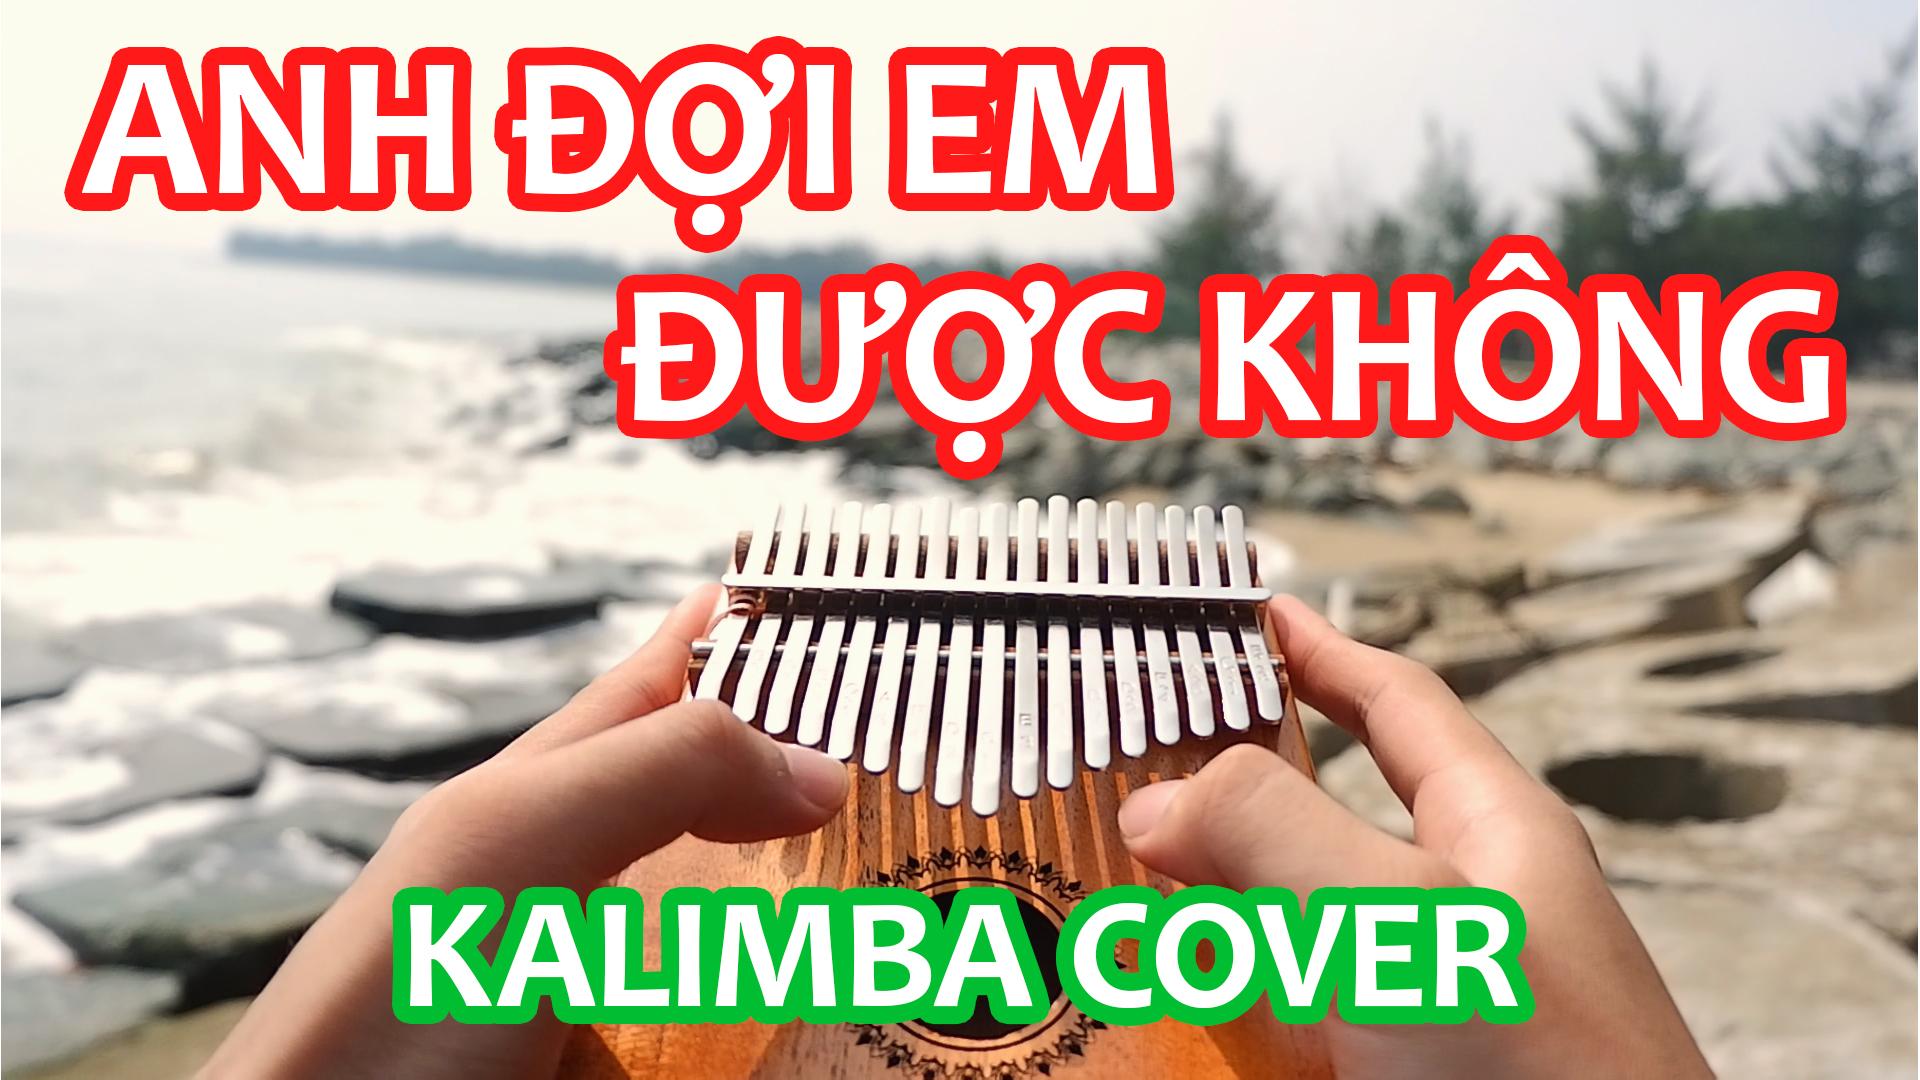 Anh đợi em được không Kalimba